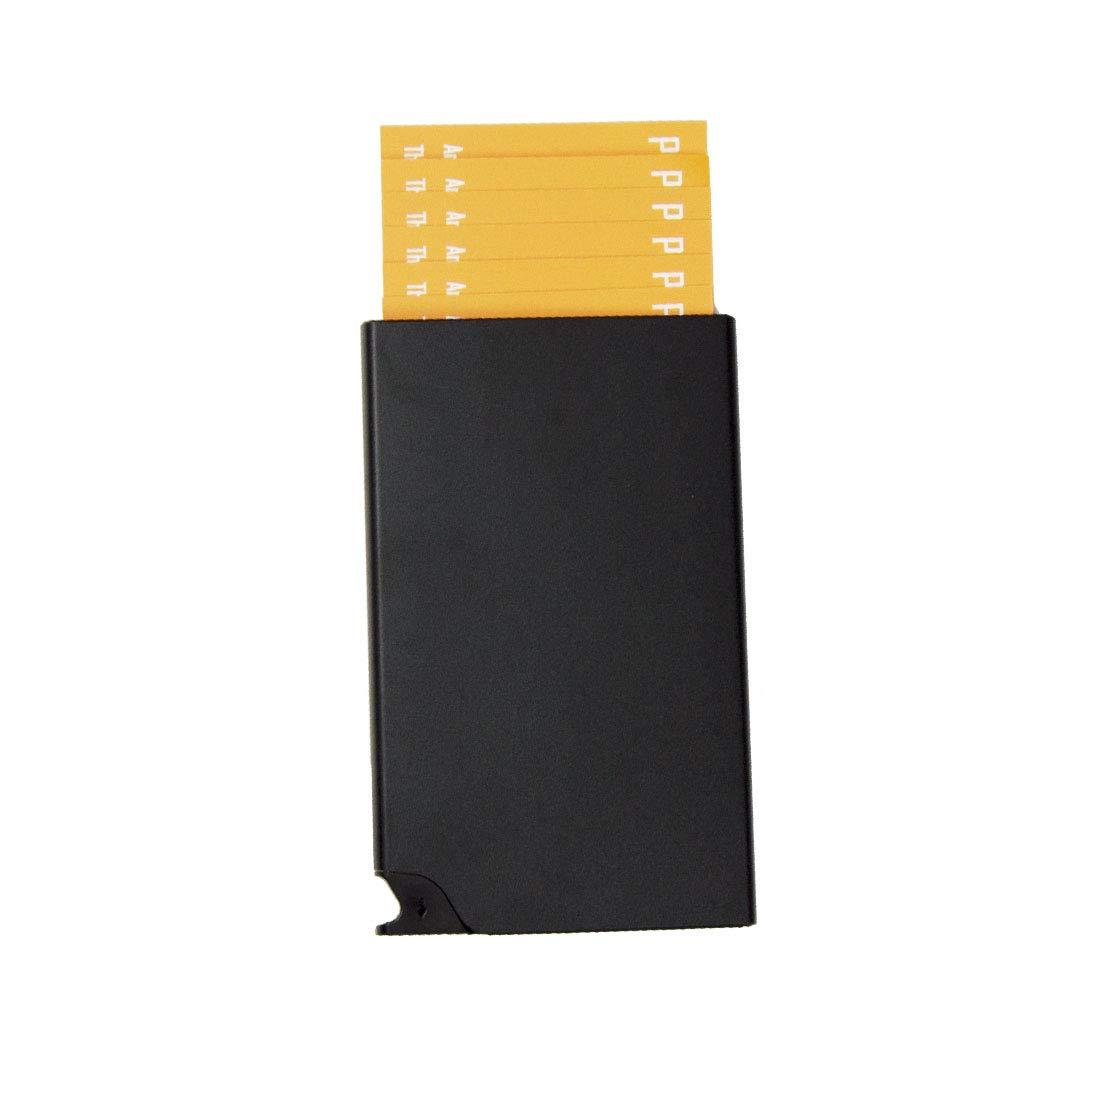 Kartenetui Herren Visitenkartenetui Portemonnaie Geldklammer Portmonee Damen Geschenk für Männer Frauen klein Mini Geldbörse Kartenhüllen Brieftasche Kreditkarten Etuis RFID/NFC Schutz Schwarz